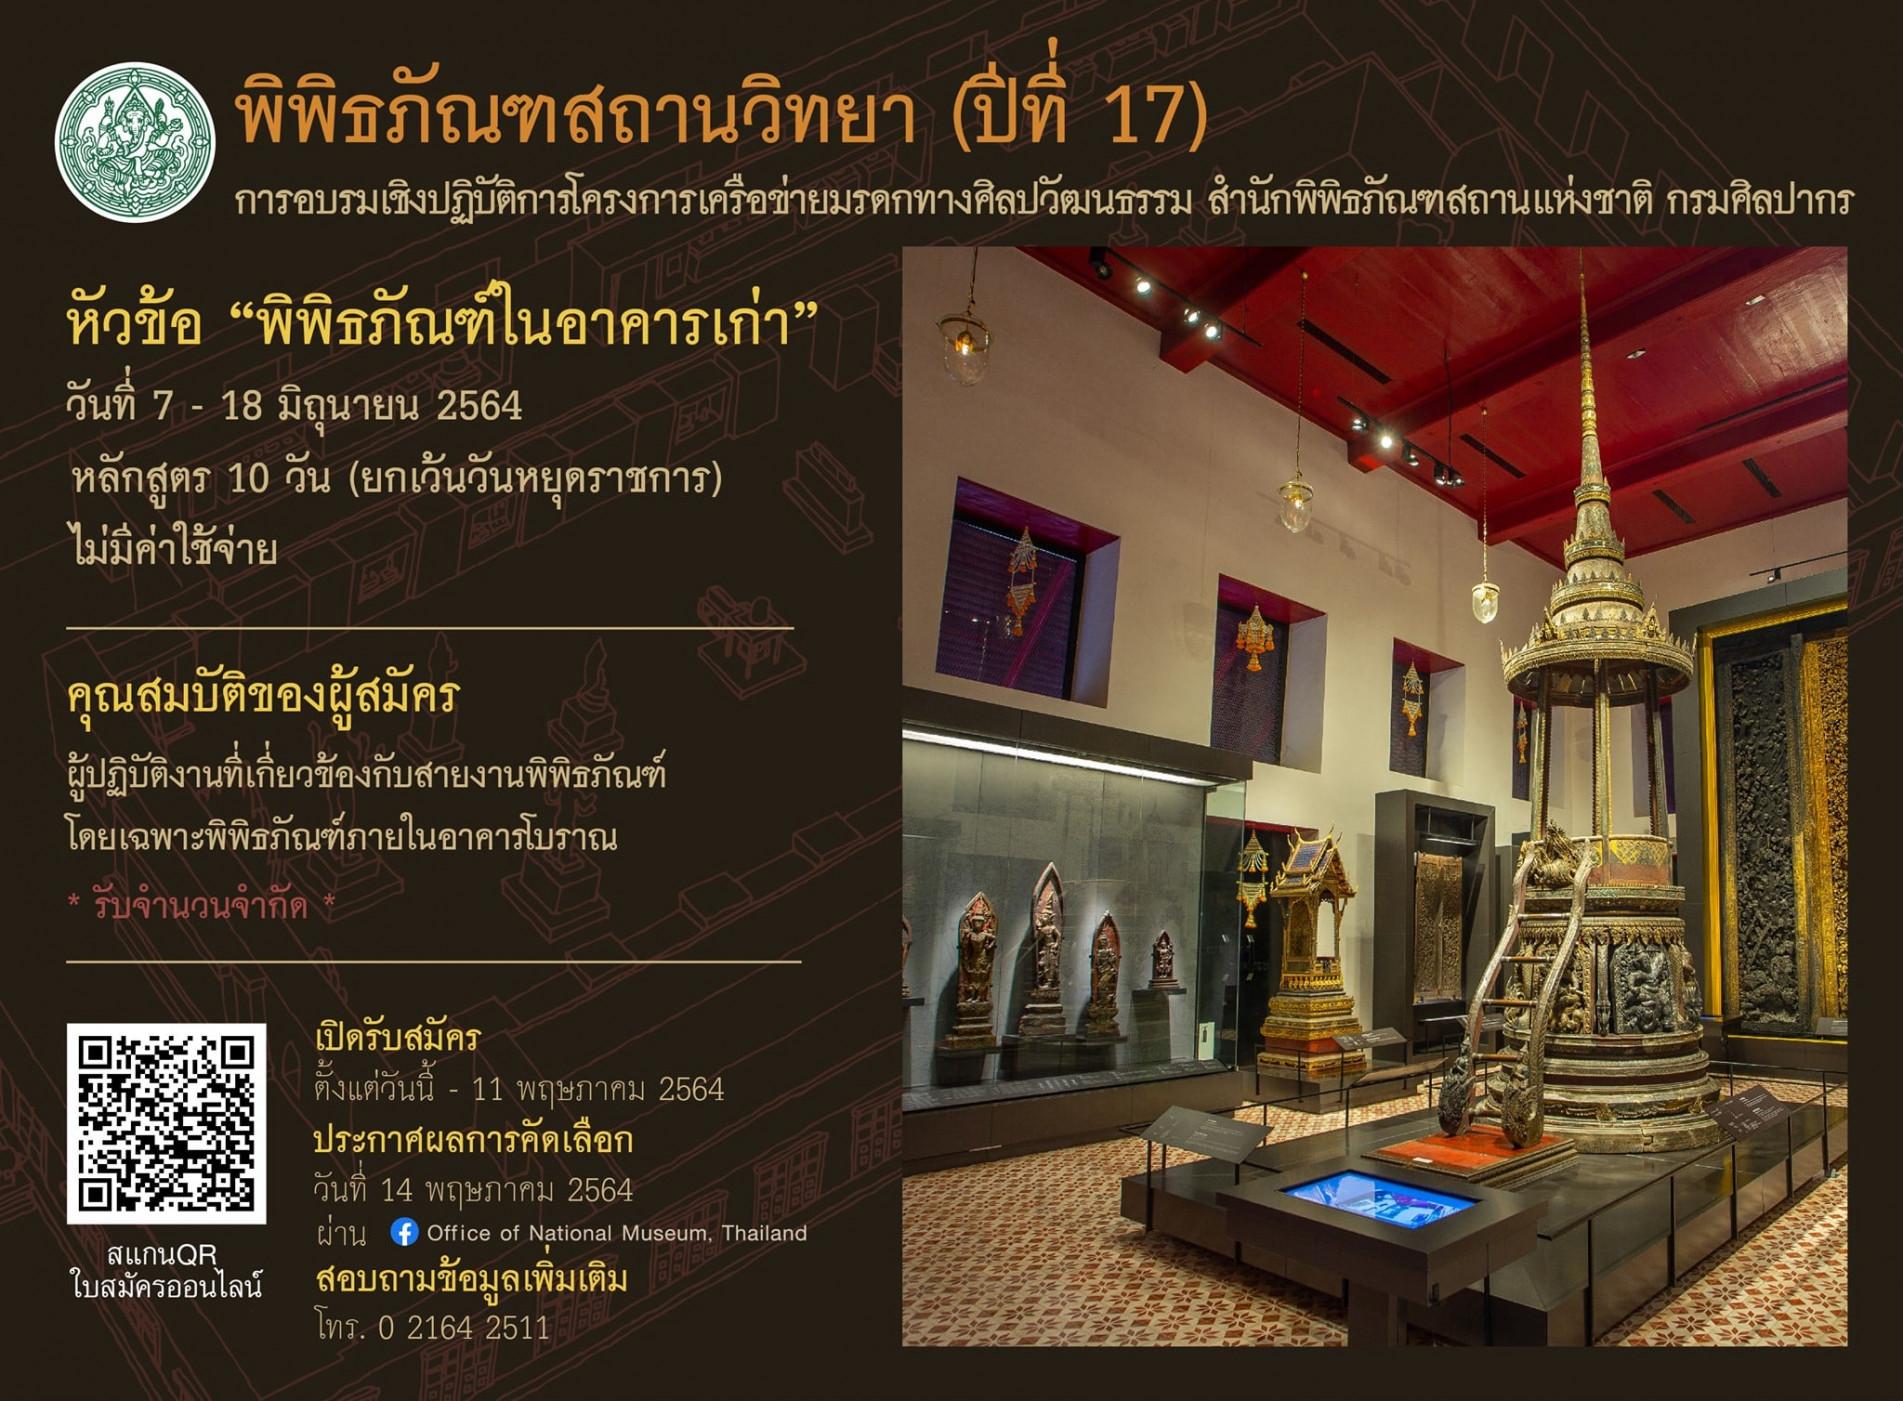 """รับสมัครบุคลากรผู้ปฏิบัติงานด้านพิพิธภัณฑ์เข้าร่วมโครงการอบรมพิพิธภัณฑสถานวิทยาแก่บุคคลภายนอก (ปีที่ 17) หัวข้อ """"พิพิธภัณฑ์ในอาคารเก่า"""" วันที่ 7 -18 มิถุนายน 2564"""